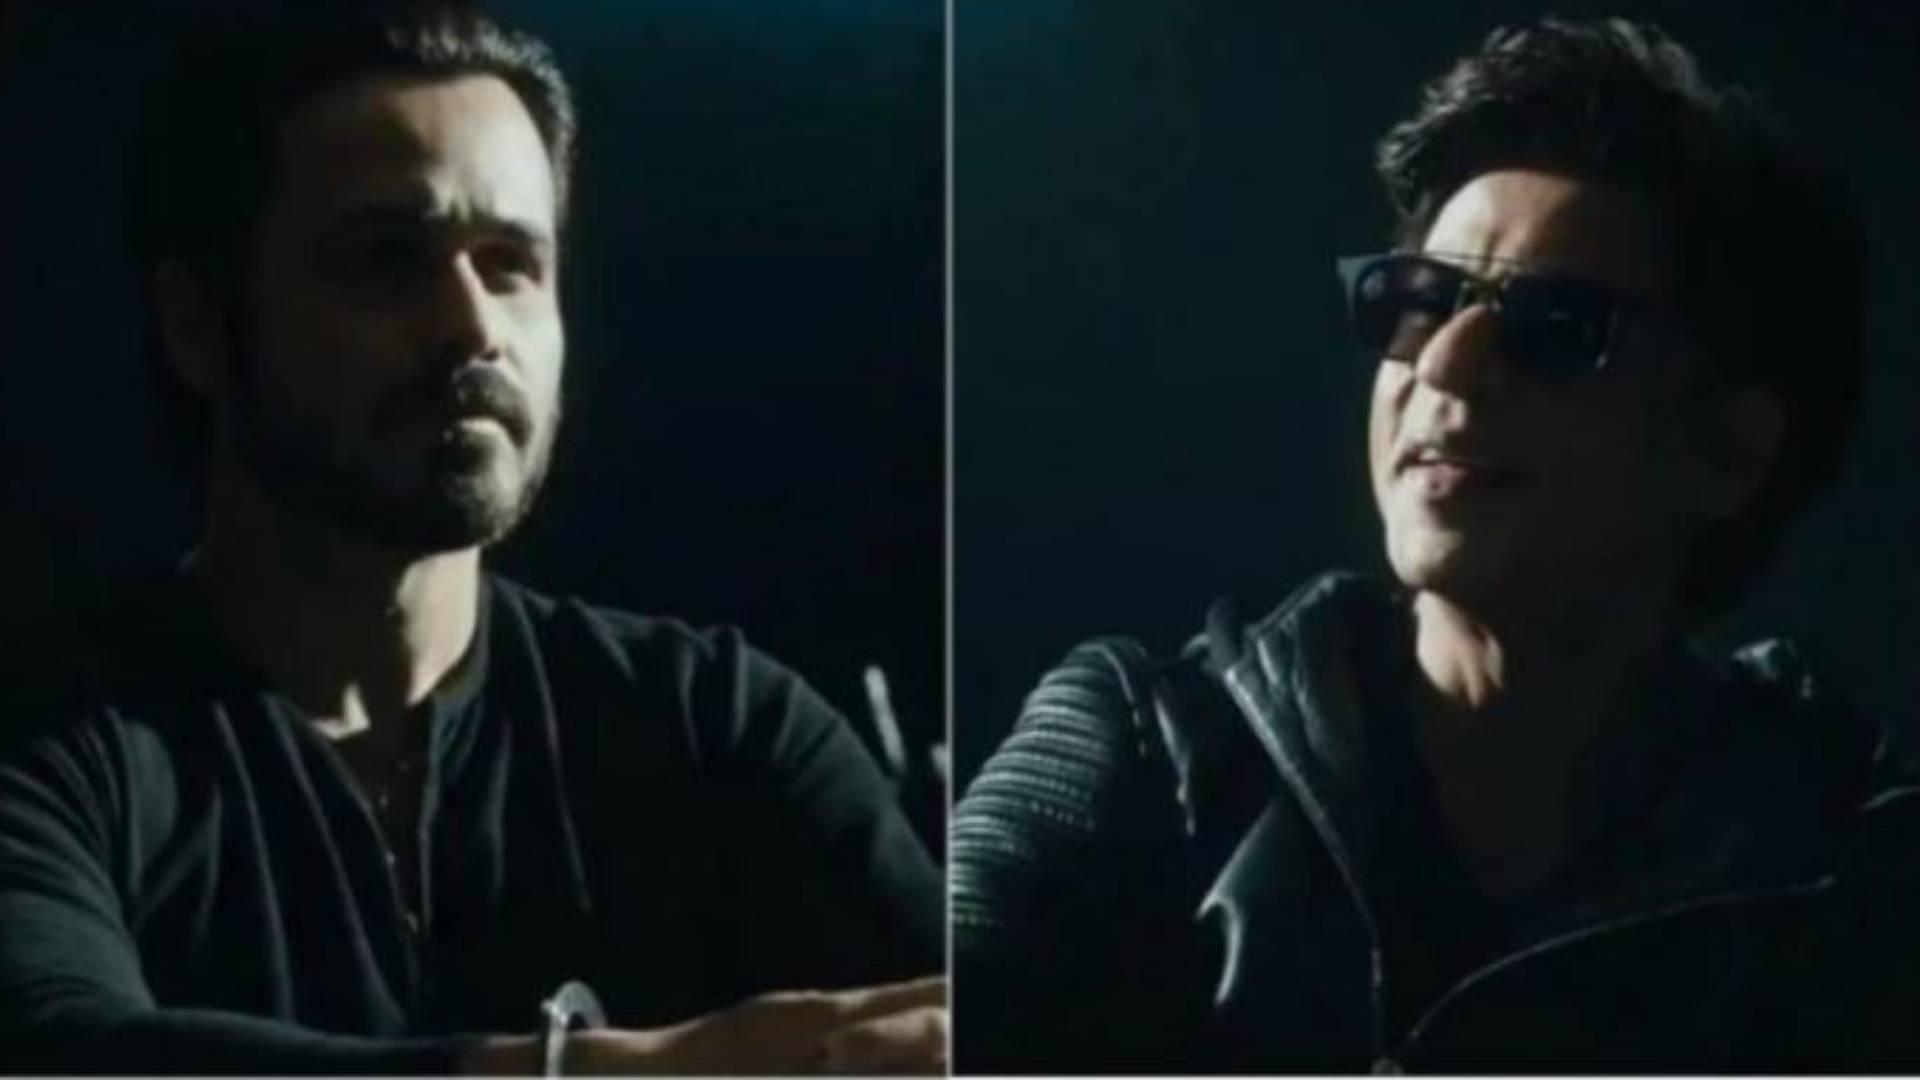 Bard of Blood Teaser: नेटफ्लिक्स की नई वेब सीरीज का टीजर आउट, शाहरुख खान को ढक्कन कहते नजर आए इमरान हाशमी